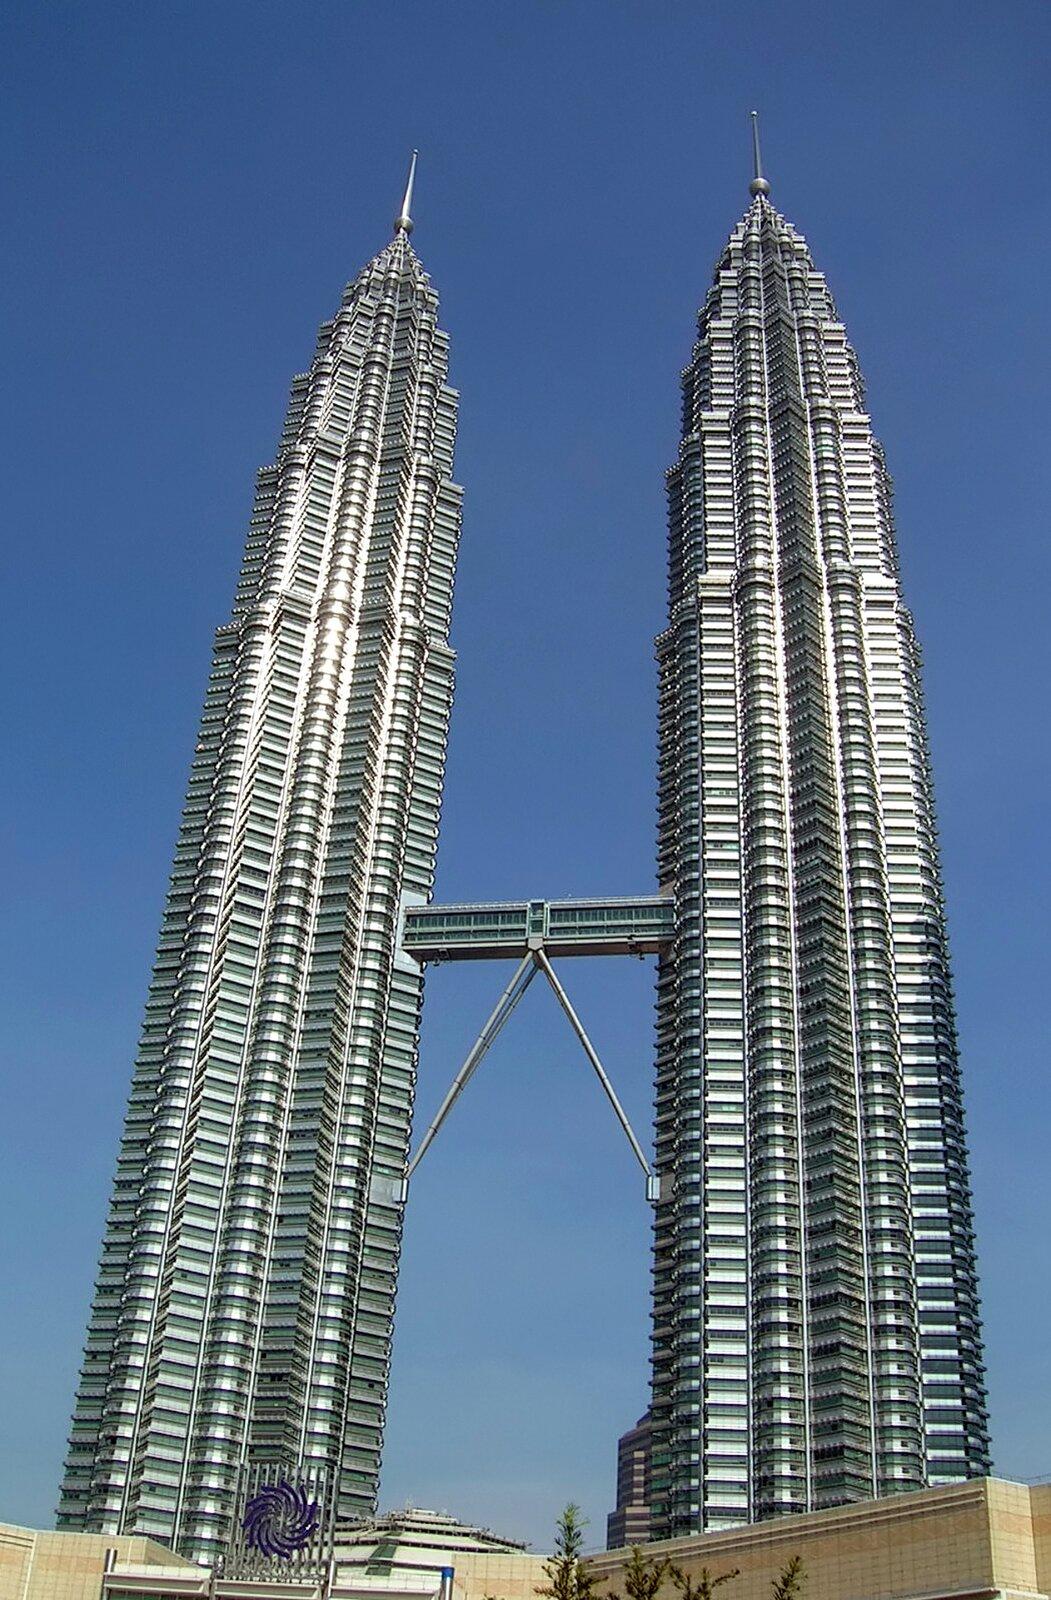 Zdjęcie przedstawia budynek Petronas Towers wKuala Lumpur, bliźniaczych wież owysokości 452 metrów. Oszklone drapacze chmur połączone są mostem odługości prawie sześćdziesięciu metrów na poziomie 41 i42 piętra.